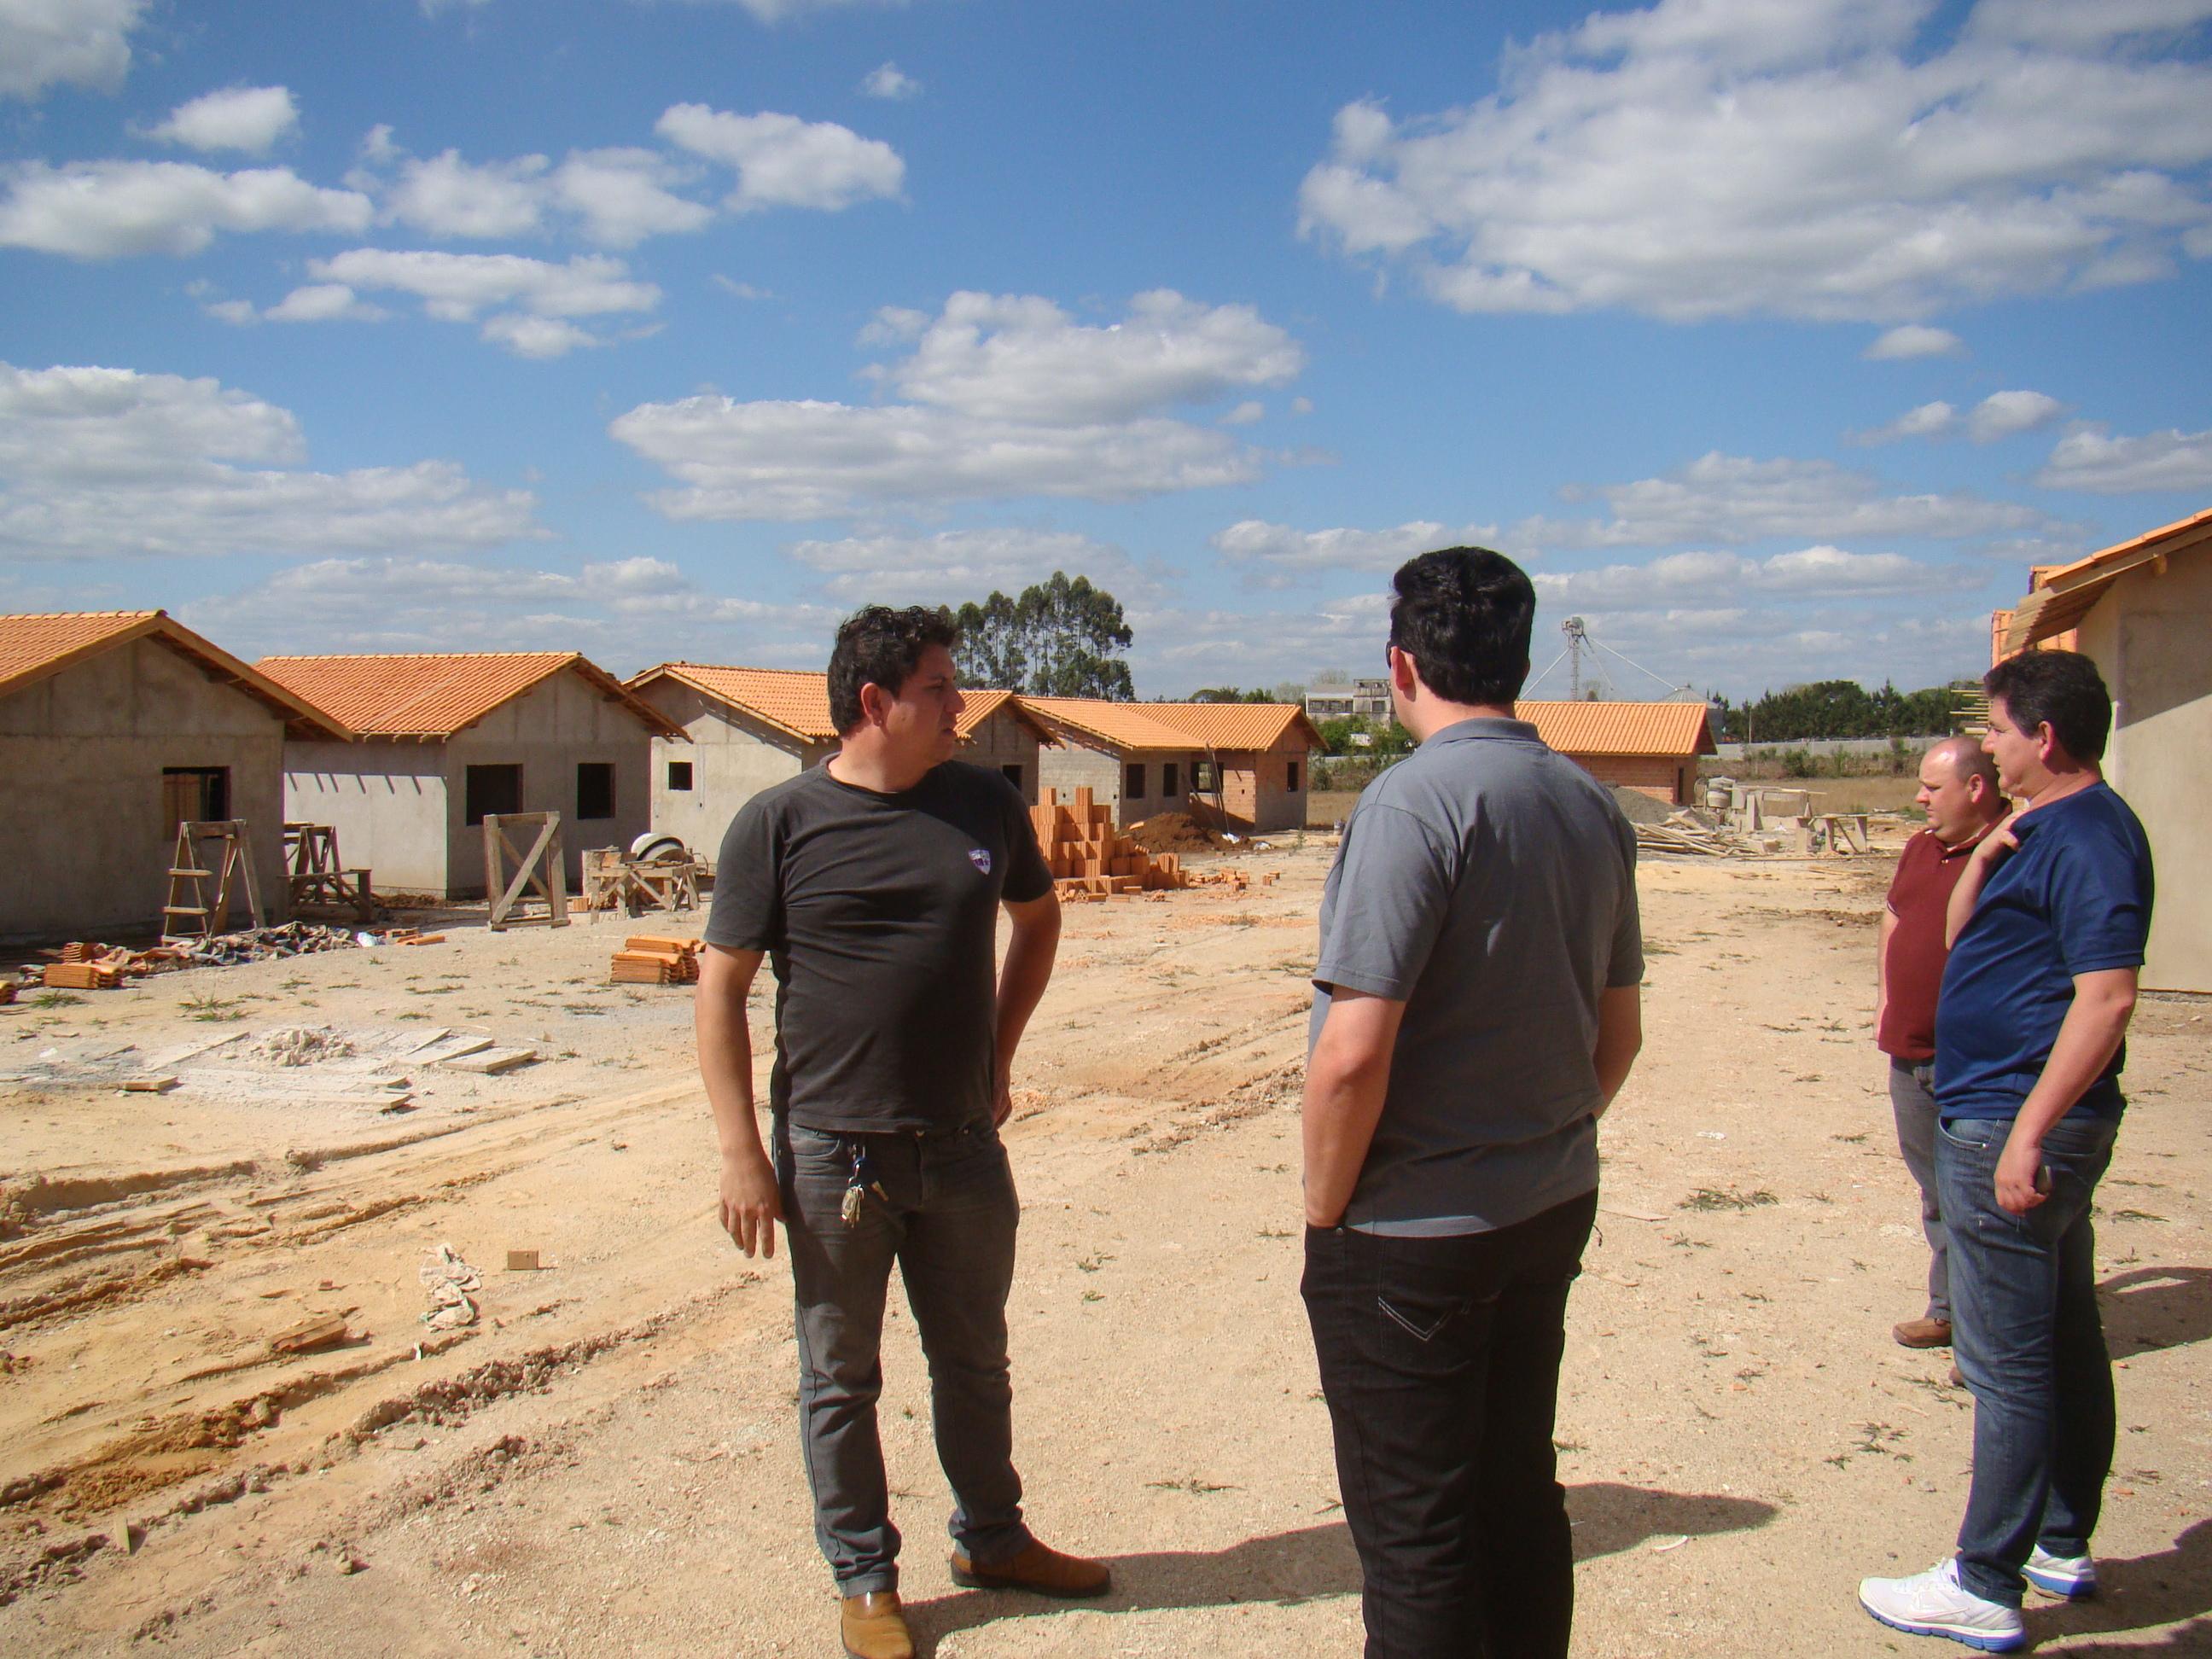 Outro n�cleo de casas em constru��o tamb�m foi visitado